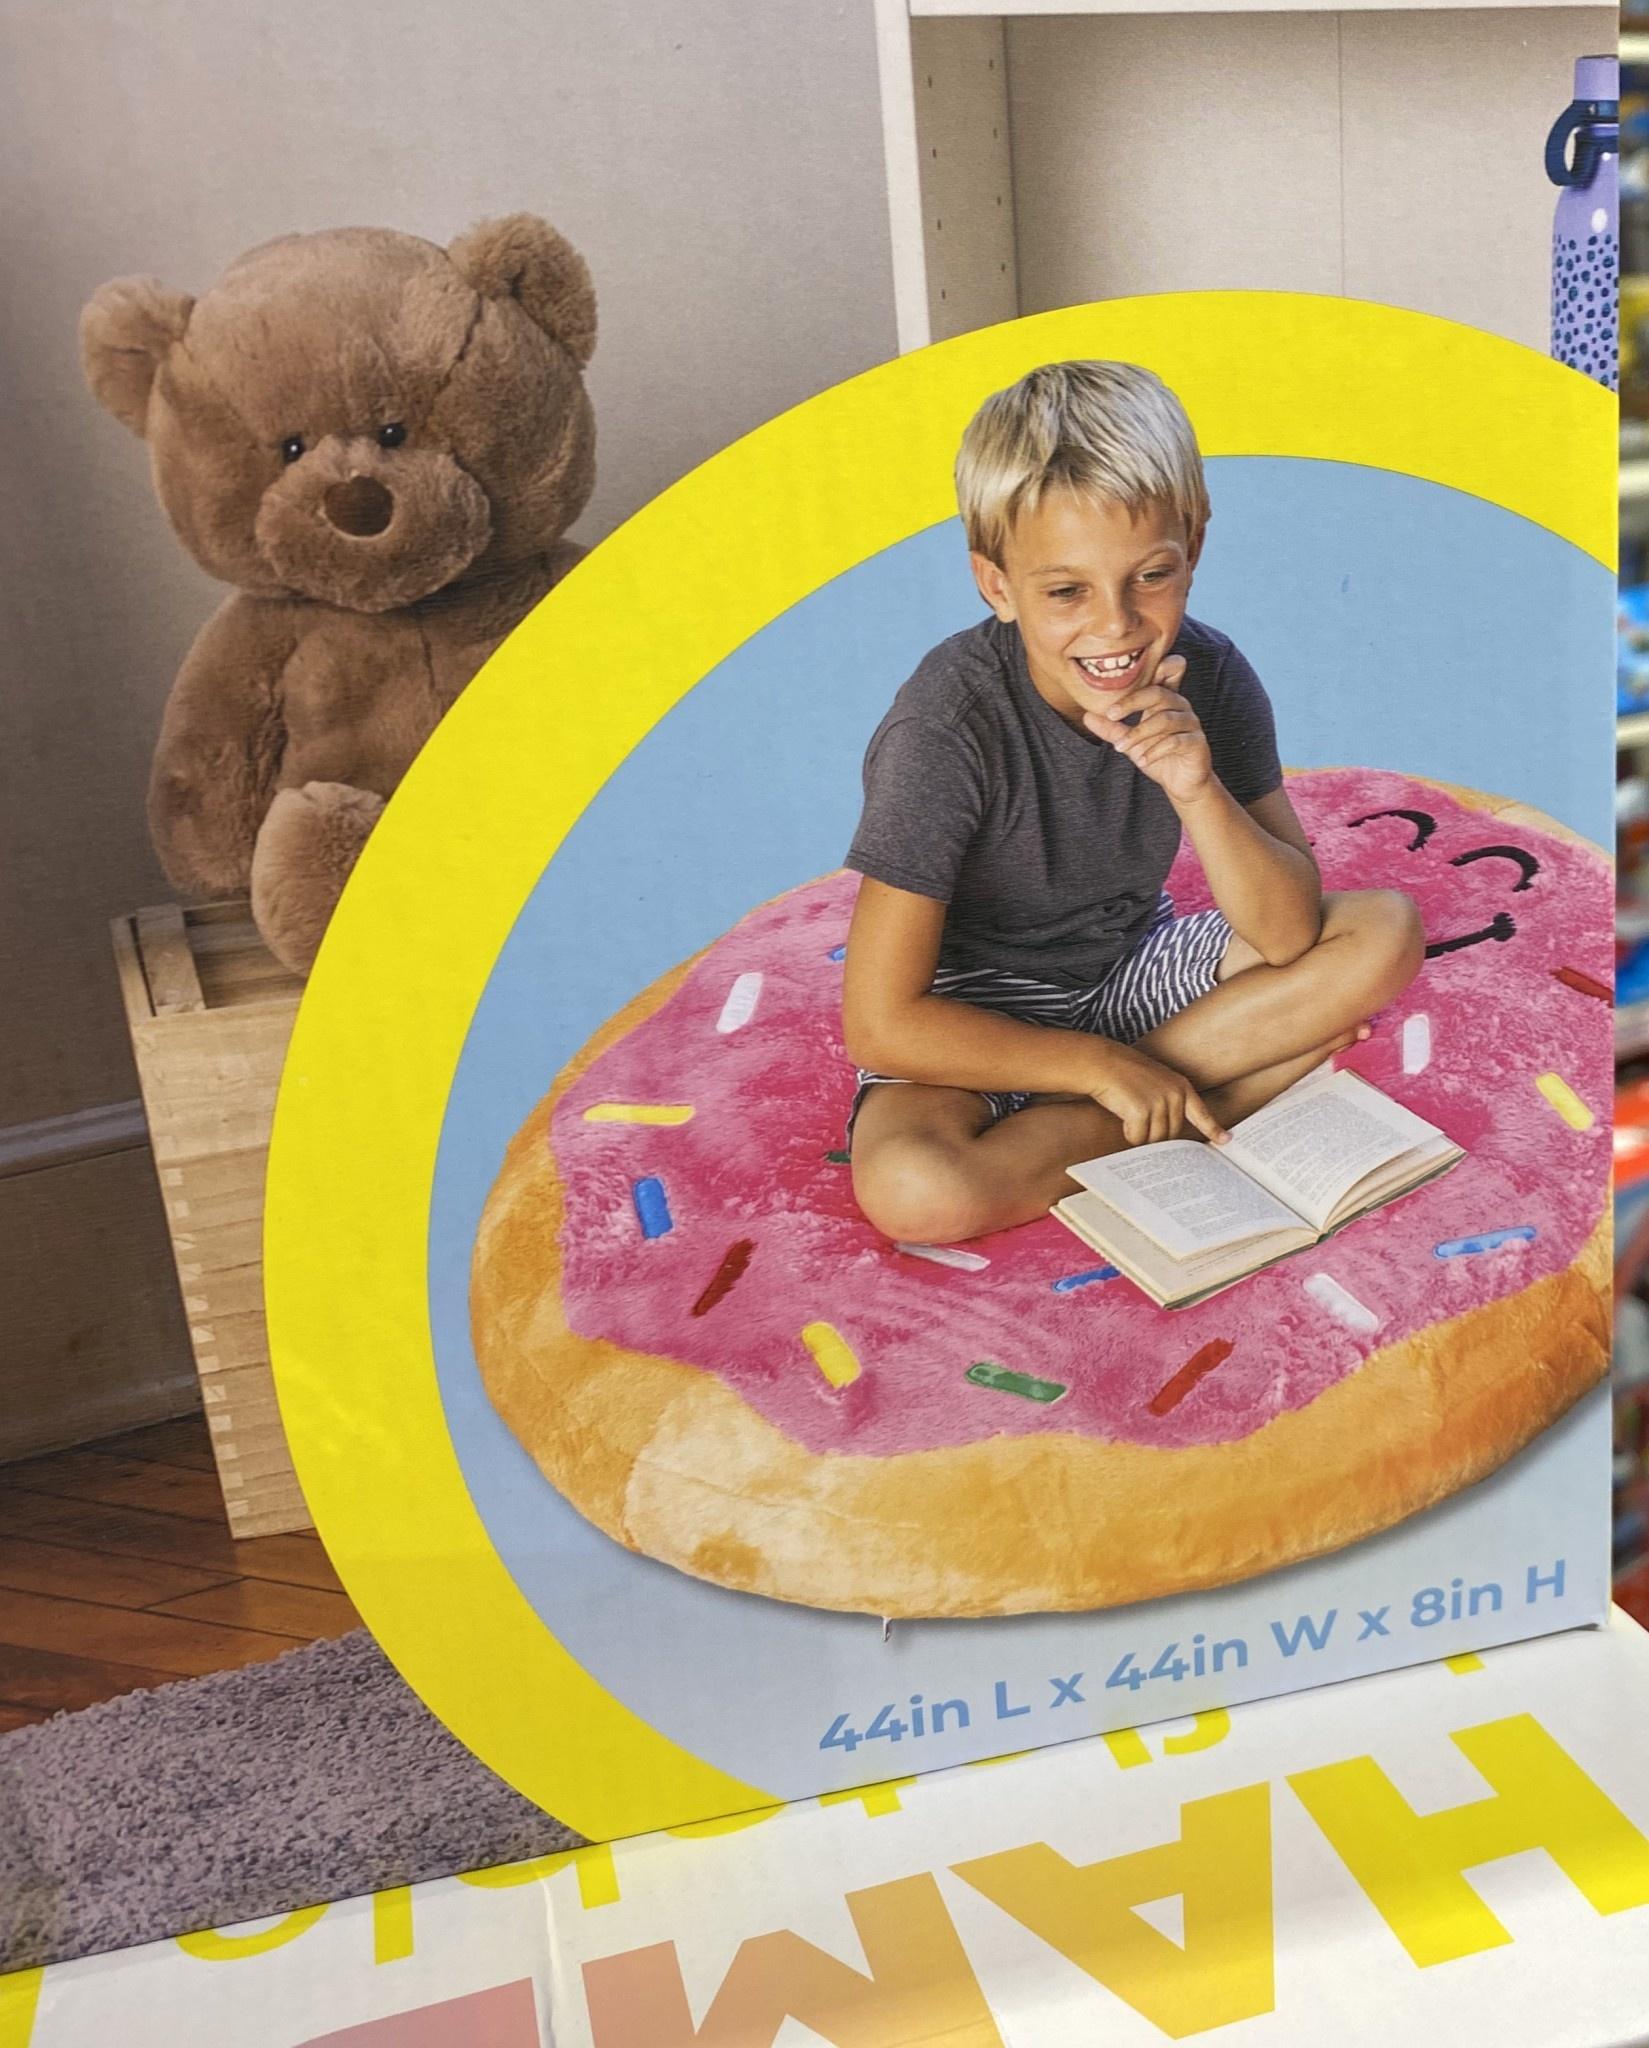 Donut Inflatable Floor Floatie-3